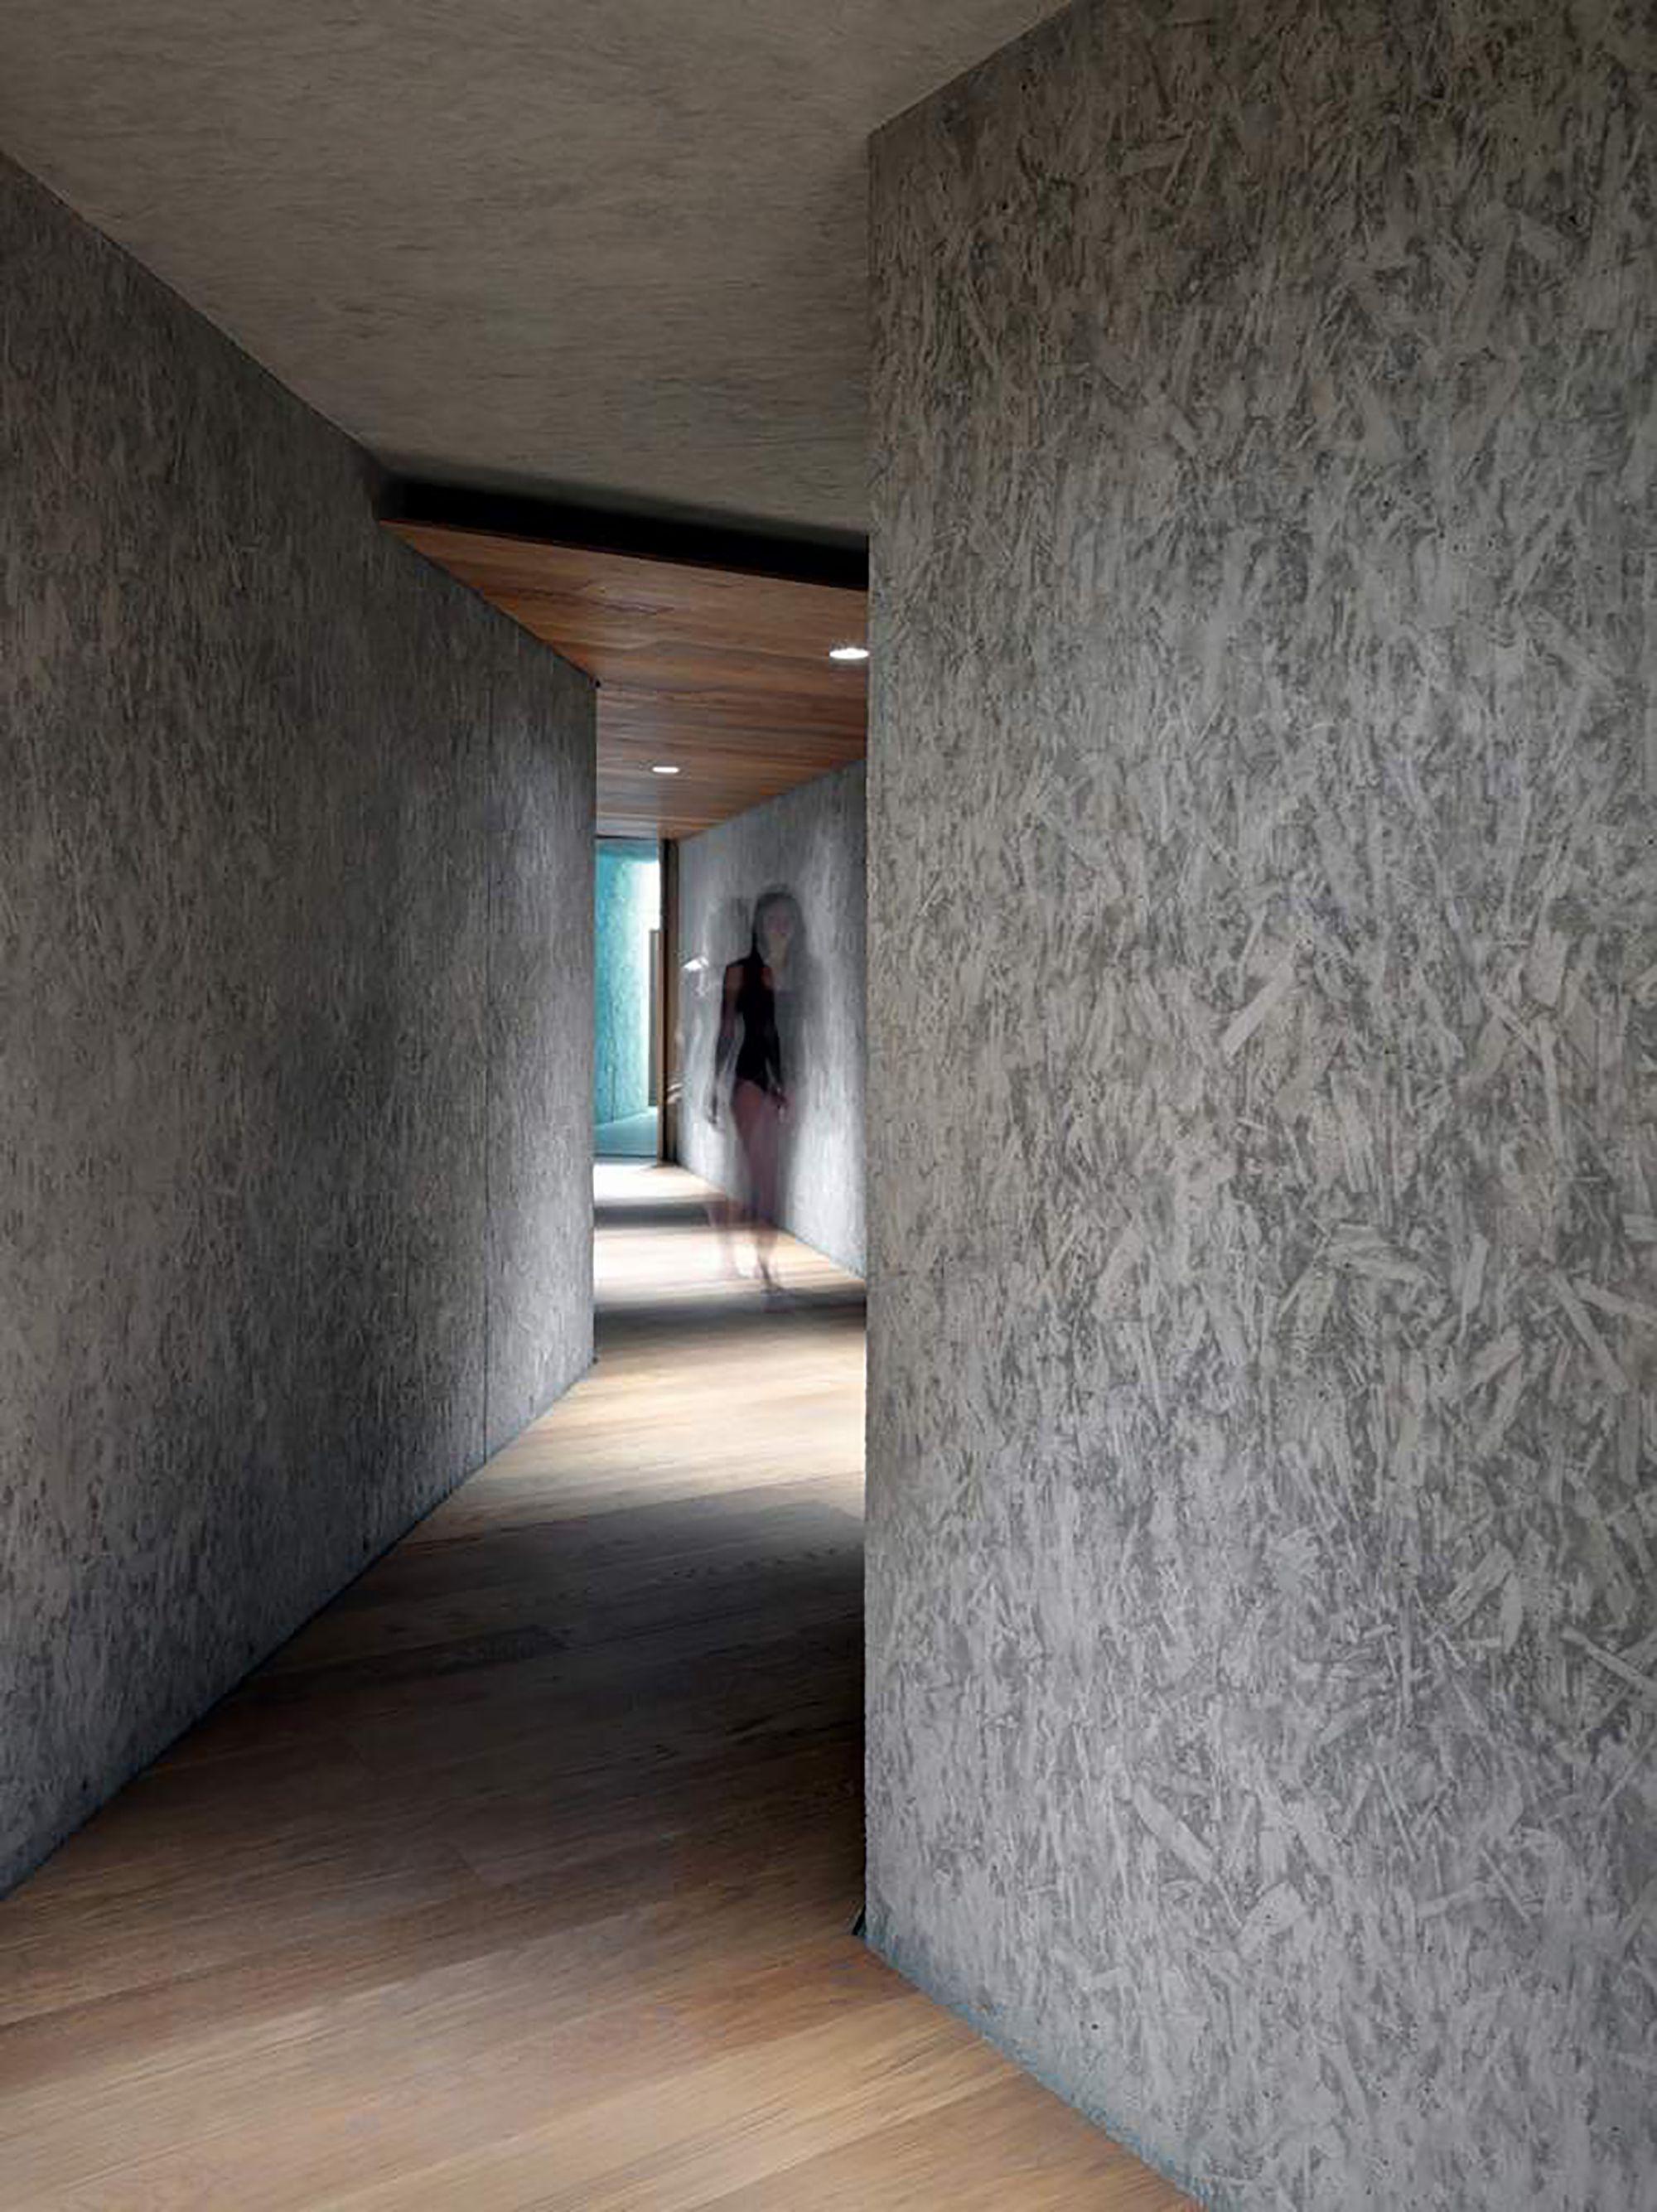 Piscina de Roccolo / act_romegialli. Parque Monte Barro – Museo Etnografico Dell'Alta Brianza, 23851 Galbiate LC, Italia.  Arquitectos: act_romegialli.  © Marcello Mariana